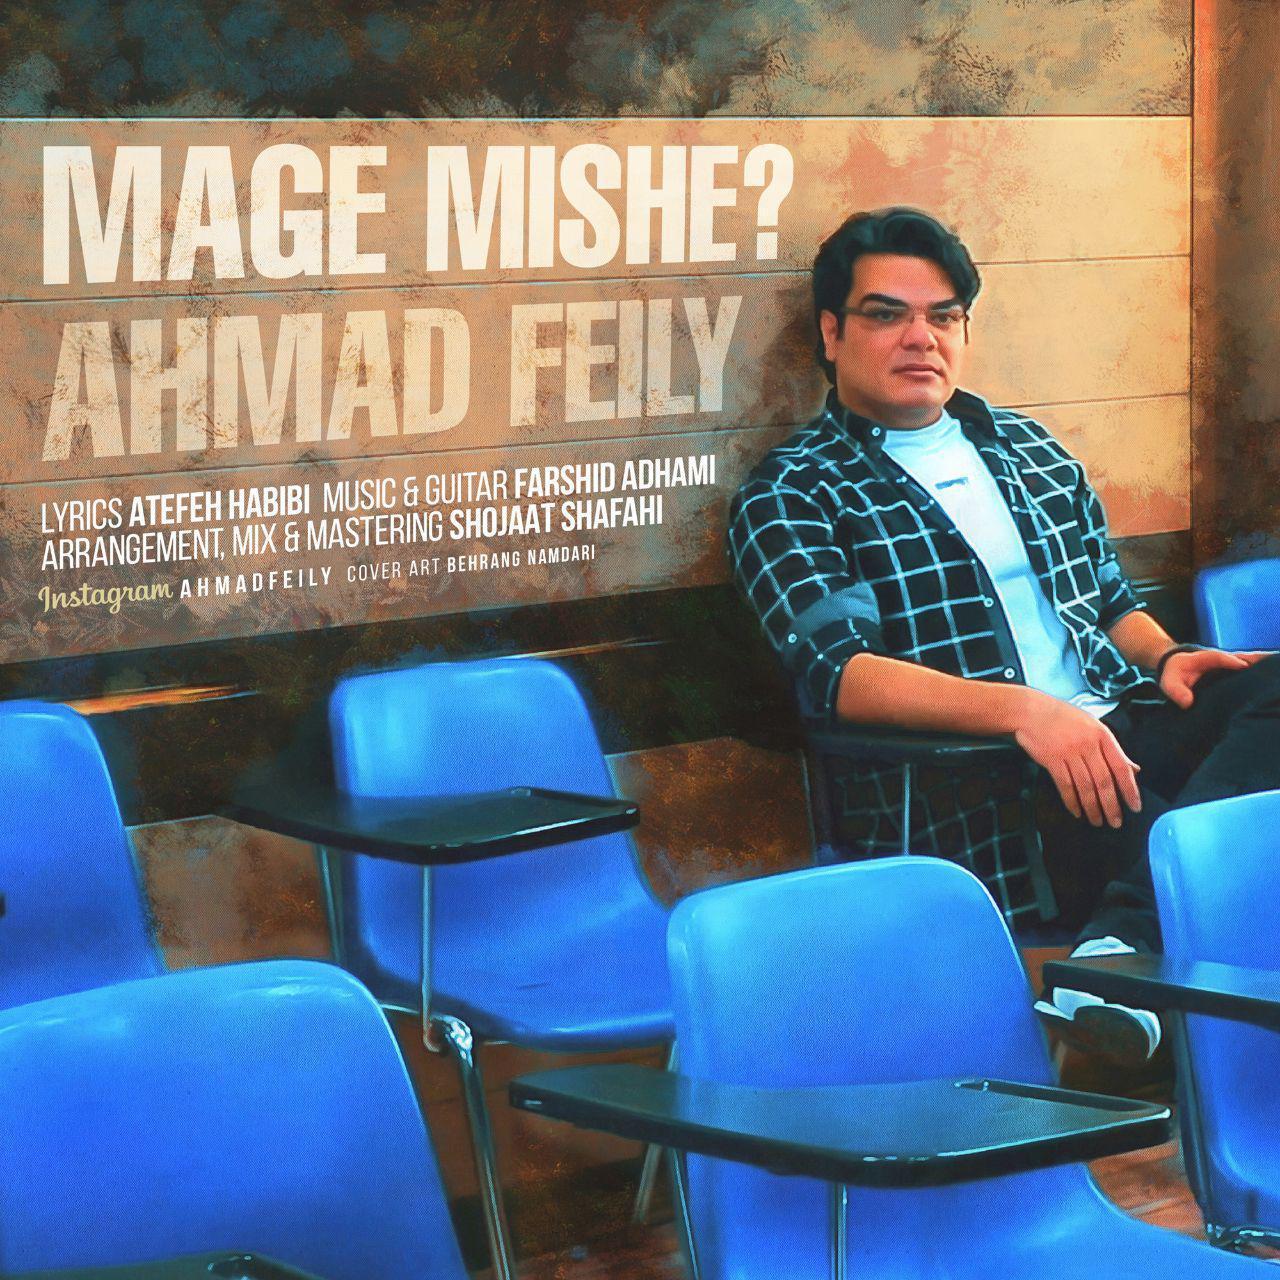 احمد فیلی به نام مگه میشه